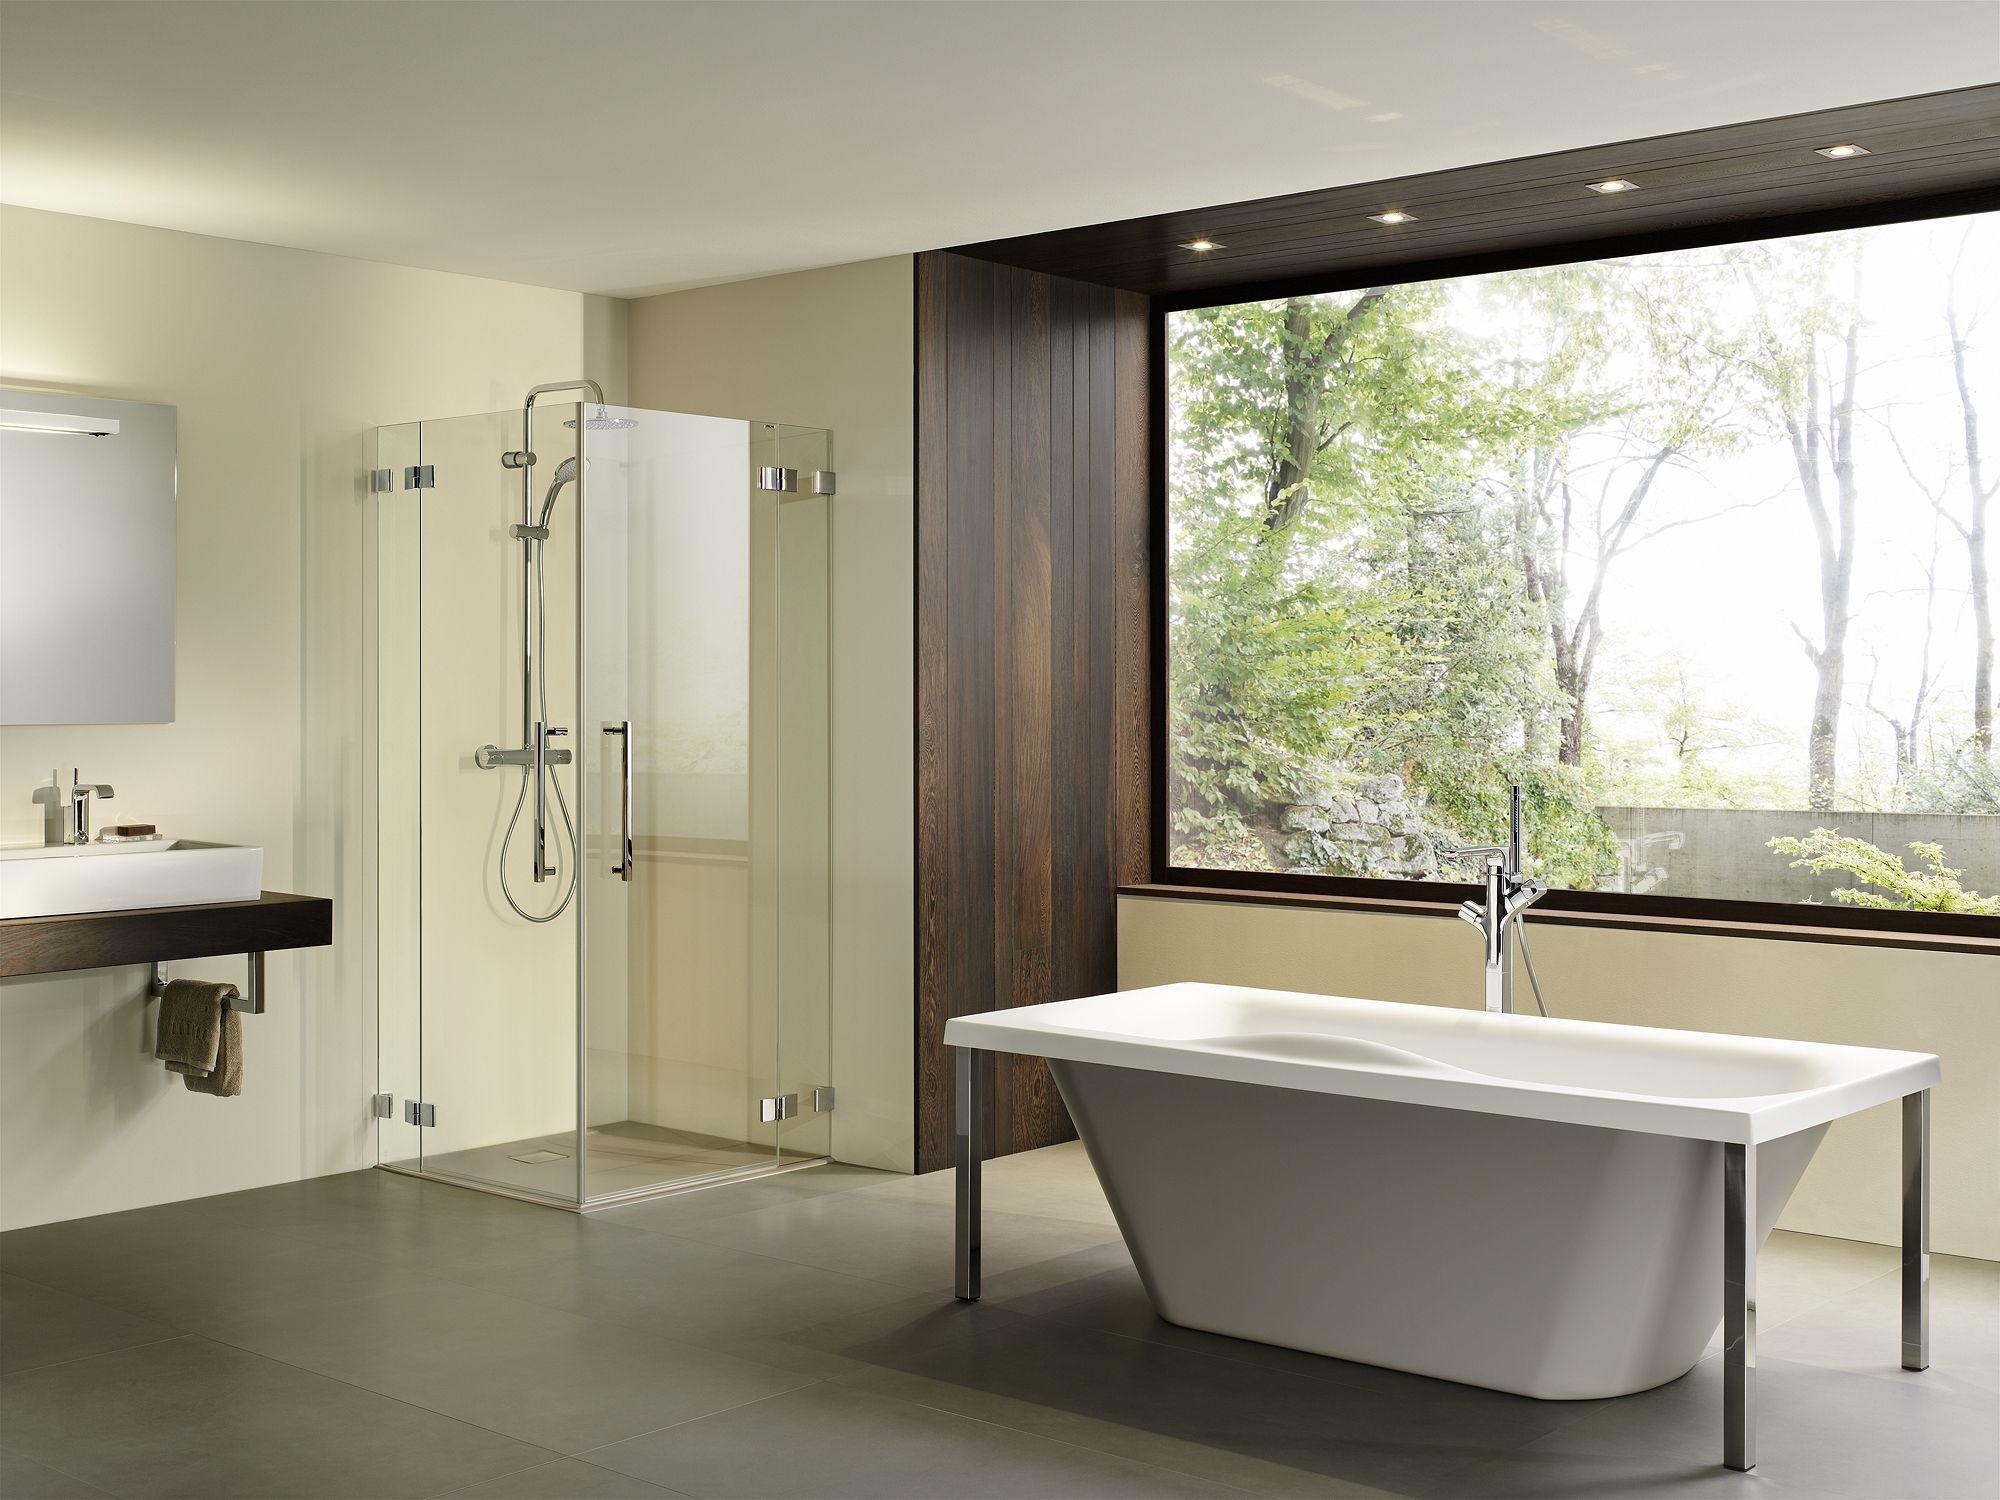 Modernes Badezimmer mit Dusche von PALME®. Duschwanne